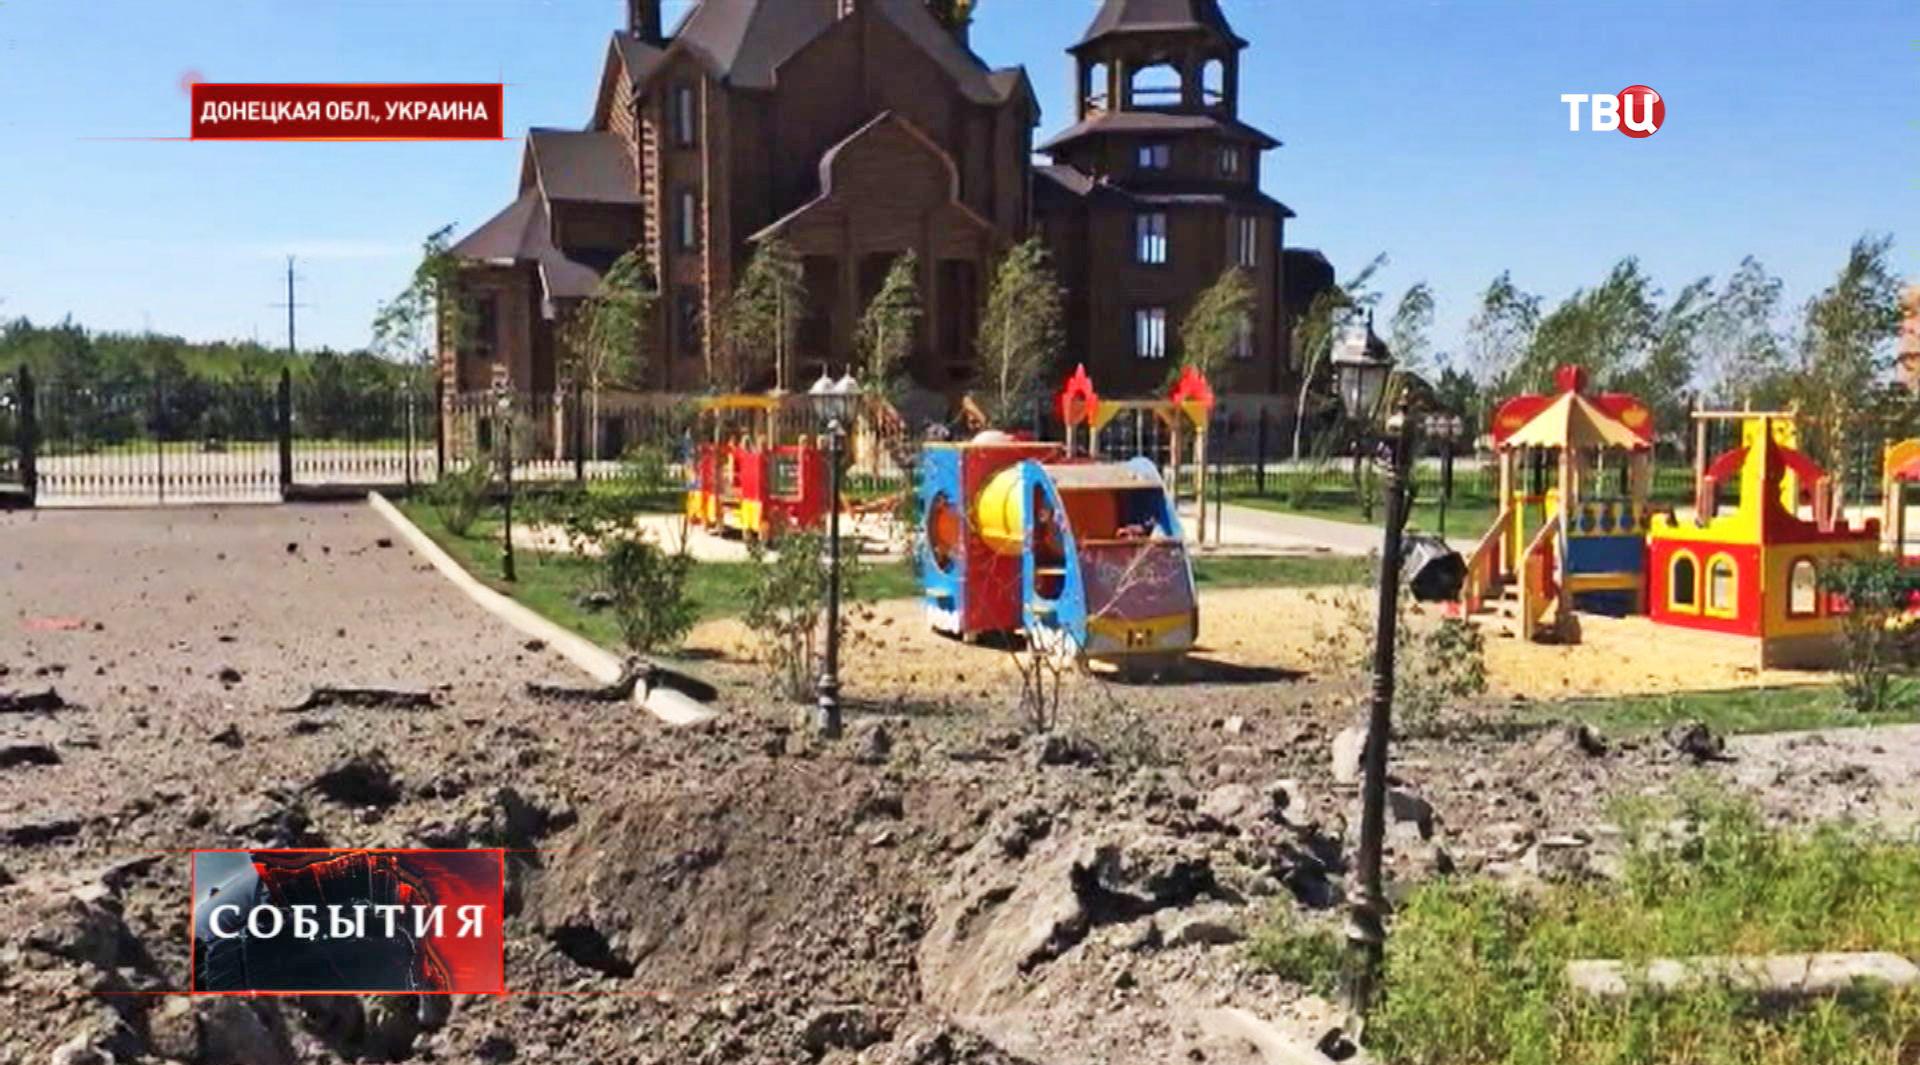 Воронка от разрыва снаряда на детской площадке